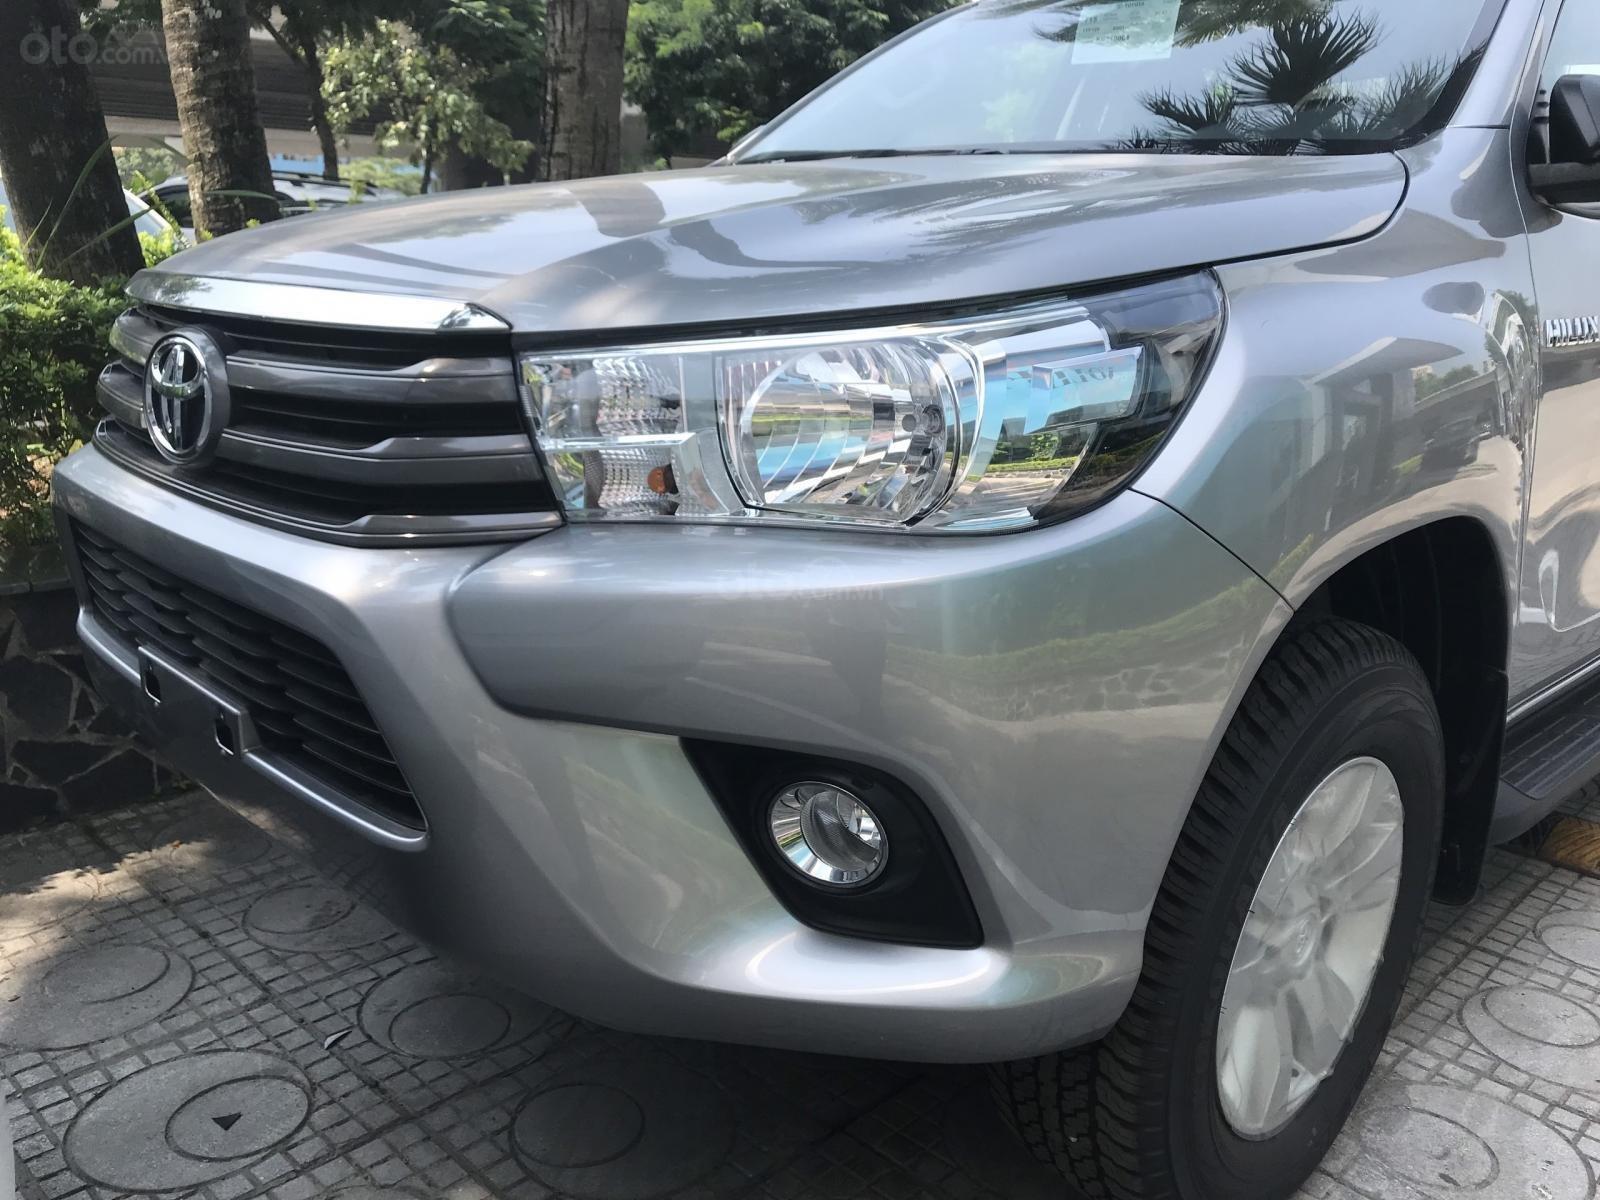 Mua bán Toyota Hilux giá rẻ nhất, giảm ngay tiền mặt, tặng phụ kiện, hỗ trợ trả góp 80%, LH: 097 698 7767 (10)